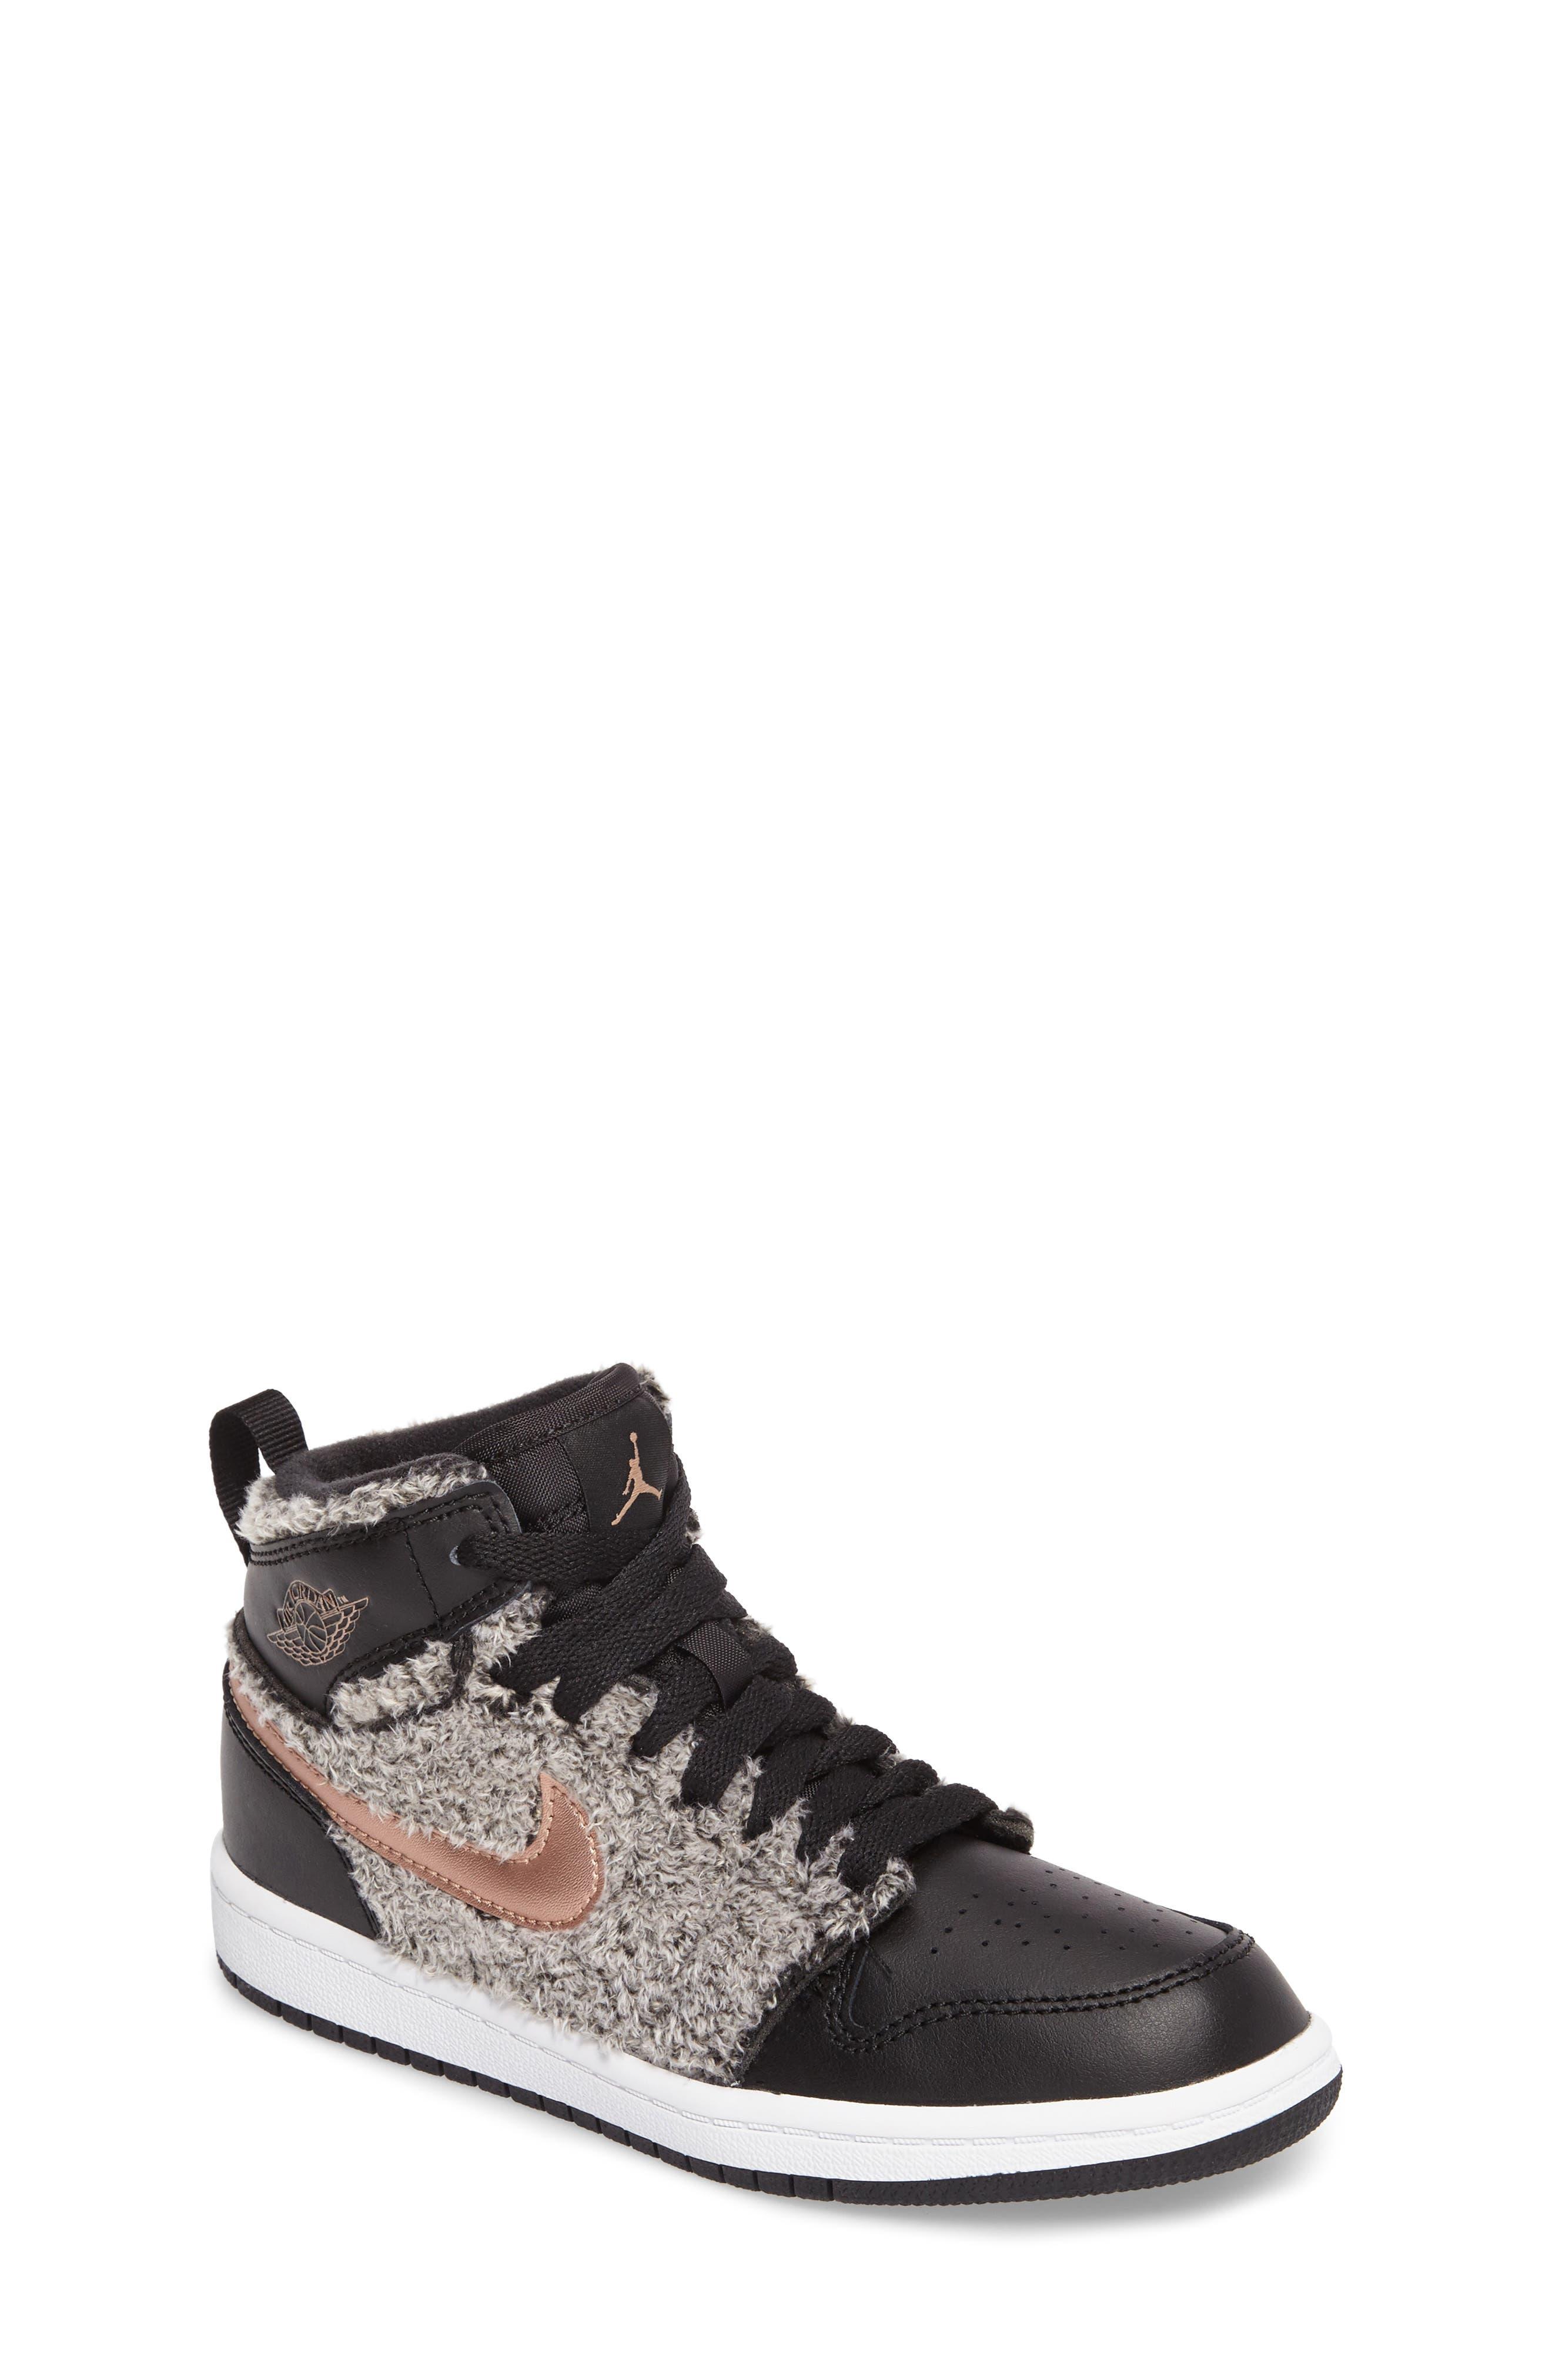 Nike Air Jordan 1 Retro Faux Fur High Top Sneaker,                         Main,                         color, 001